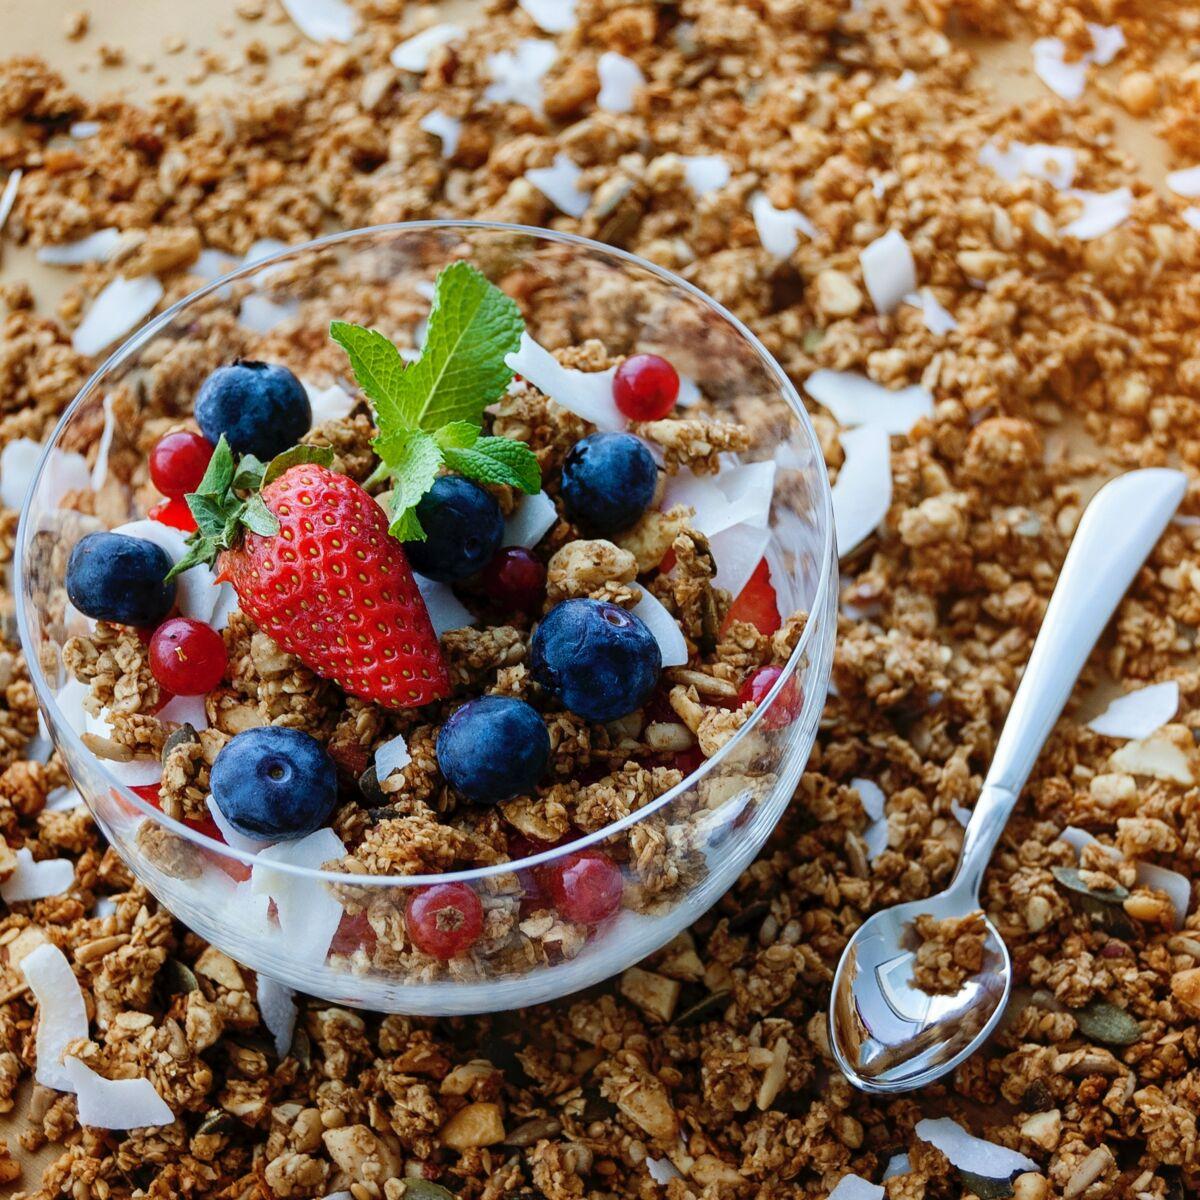 Les céréales : Grossir ou mincir dès le petit-déjeuner ?